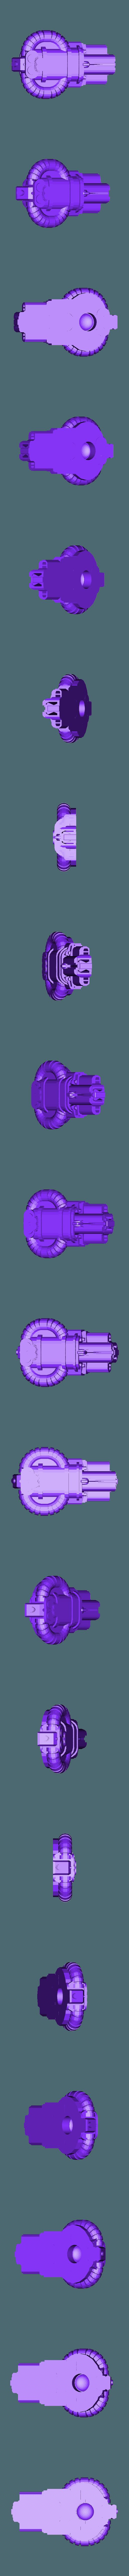 Minimal_Turret_B2.stl Download free STL file Minimal Star Ship • Design to 3D print, mrhers2